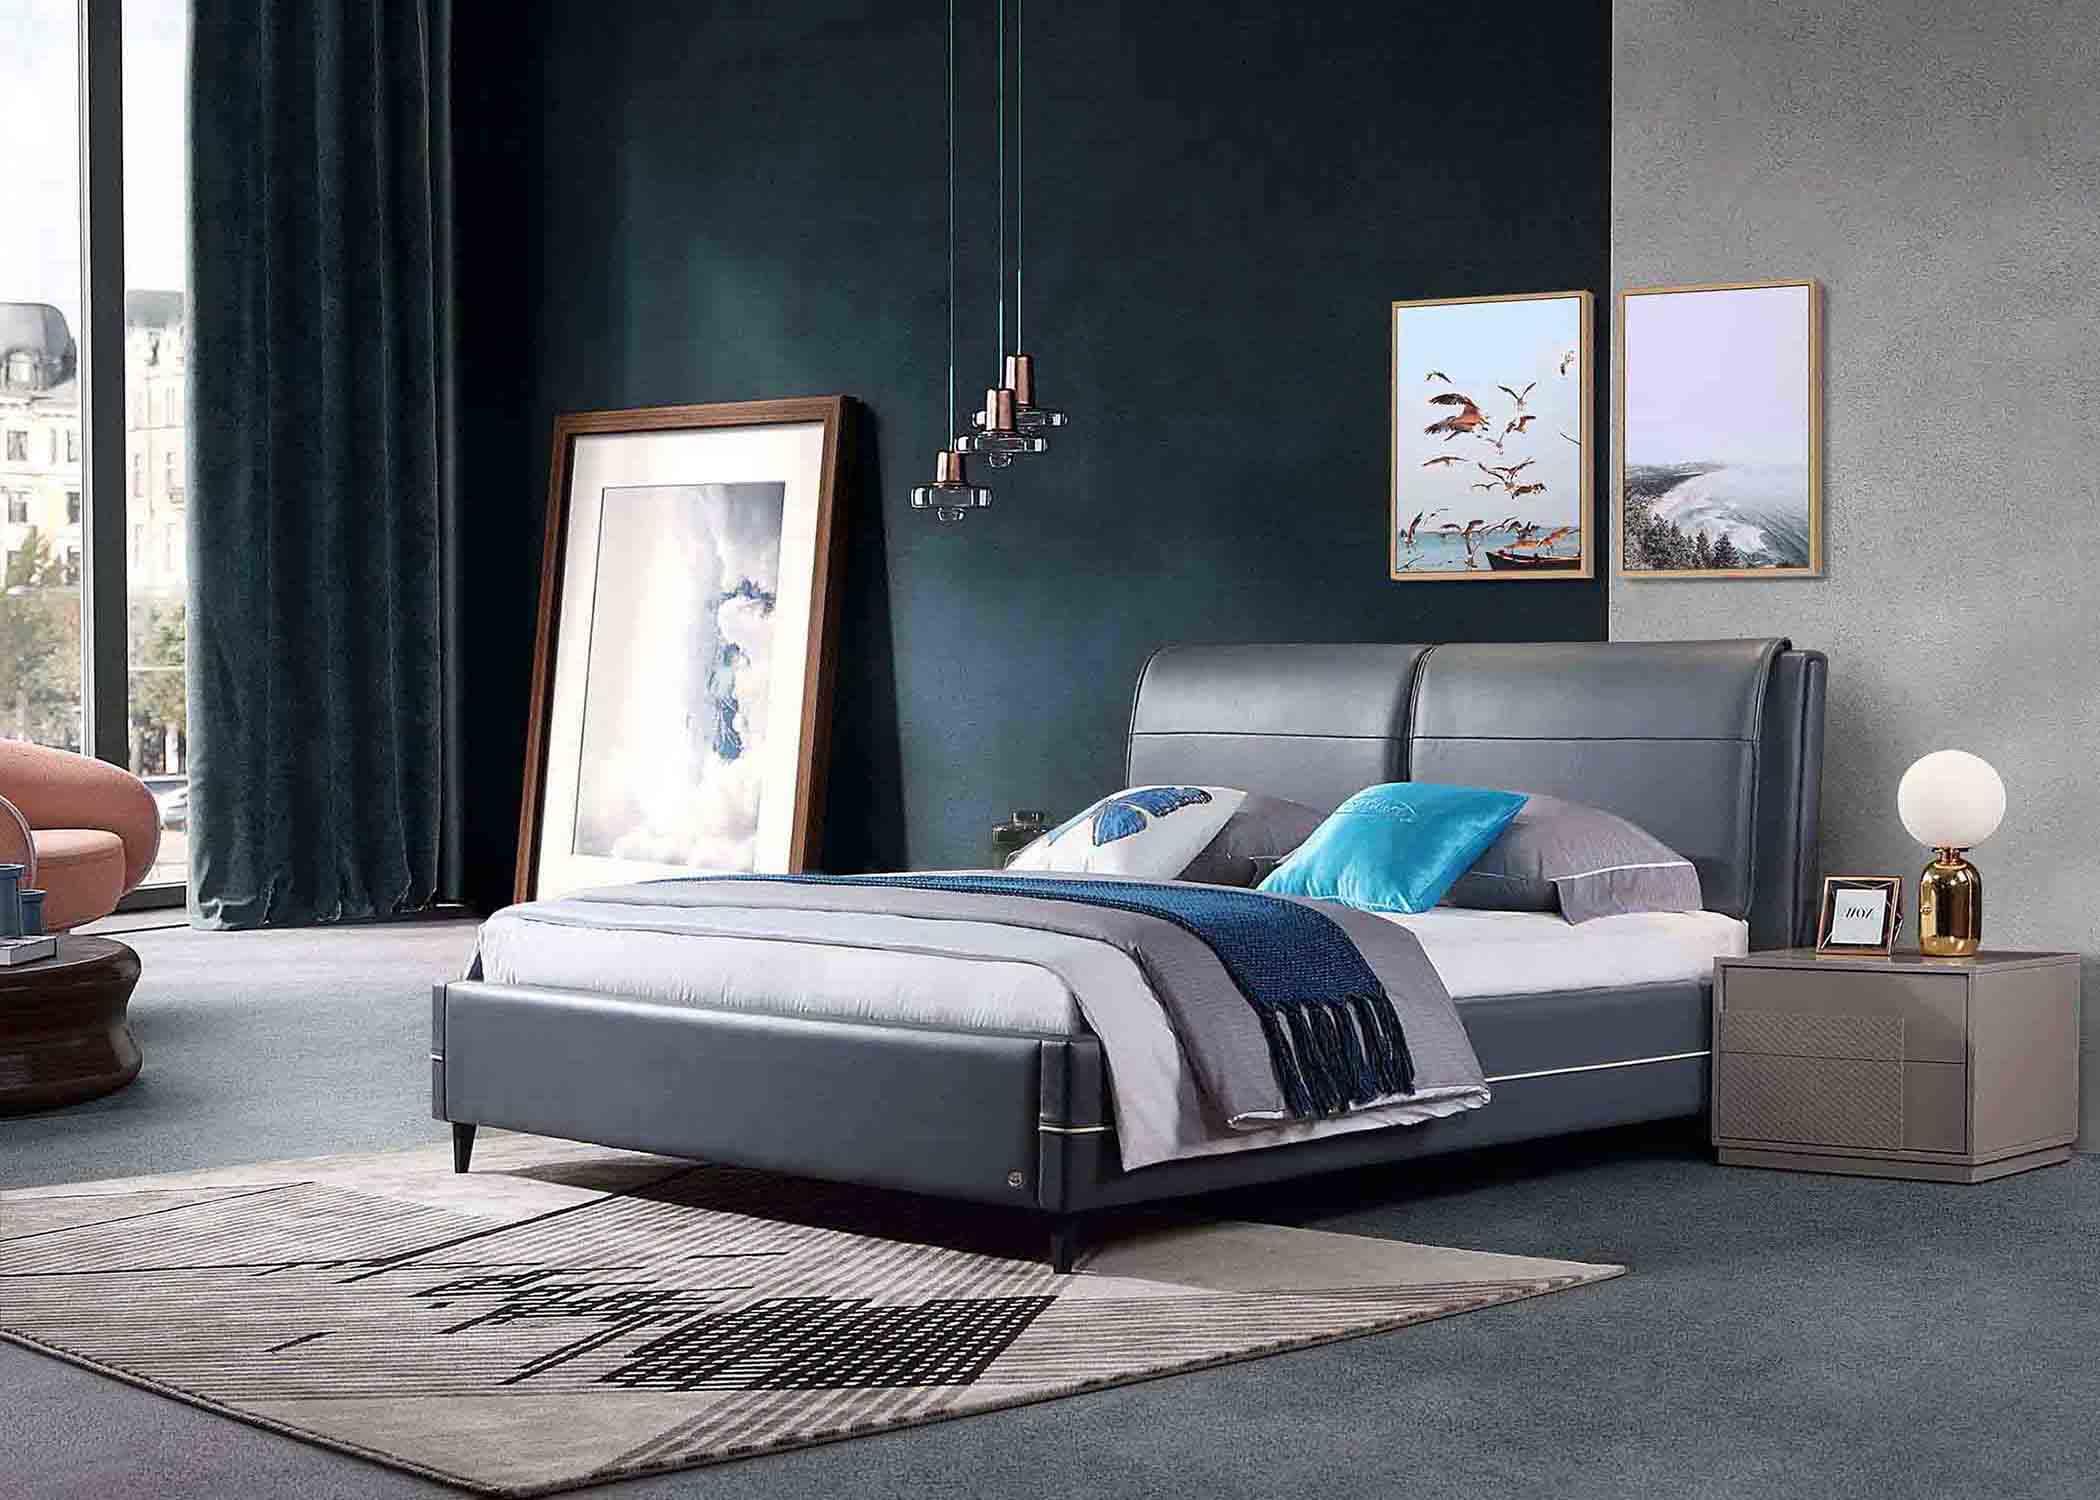 先装修还是先买家具?冠朴寝具告诉您这个问题怎么解决?